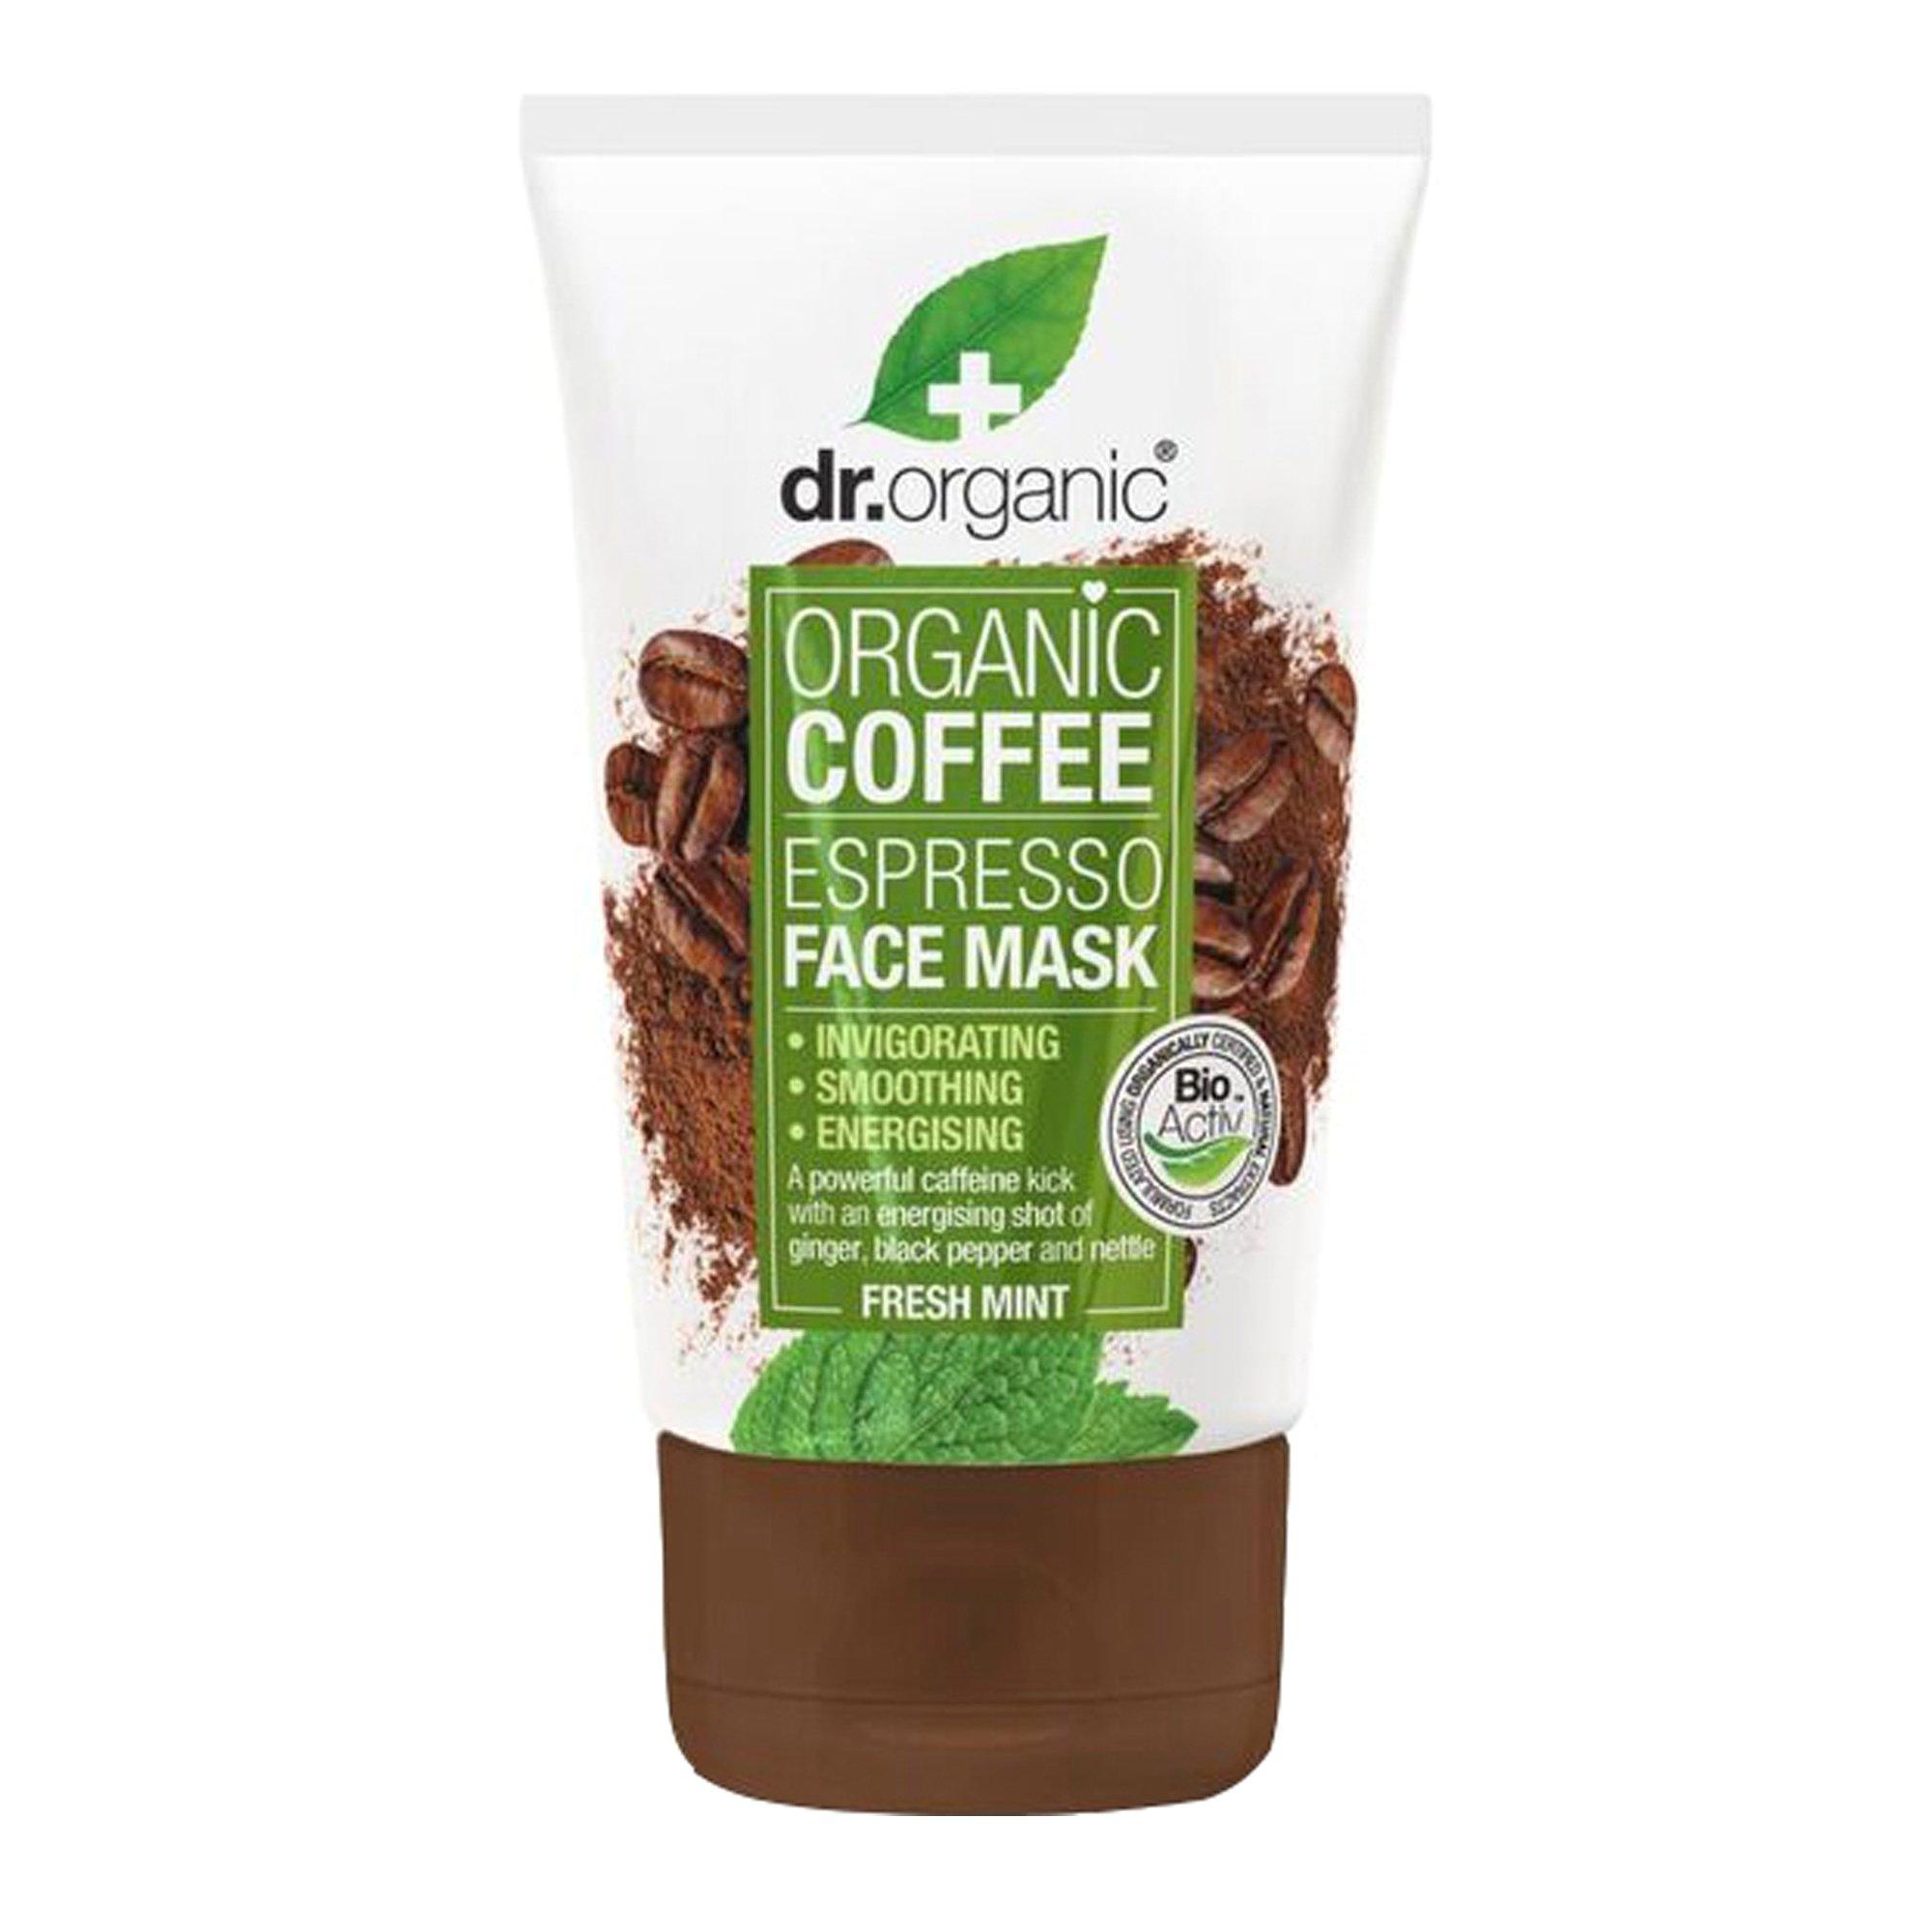 Dr. Organic Coffee Espresso Face Mask with Fresh Mint Αναζωογονητική Μάσκα Προσώπου 125ml